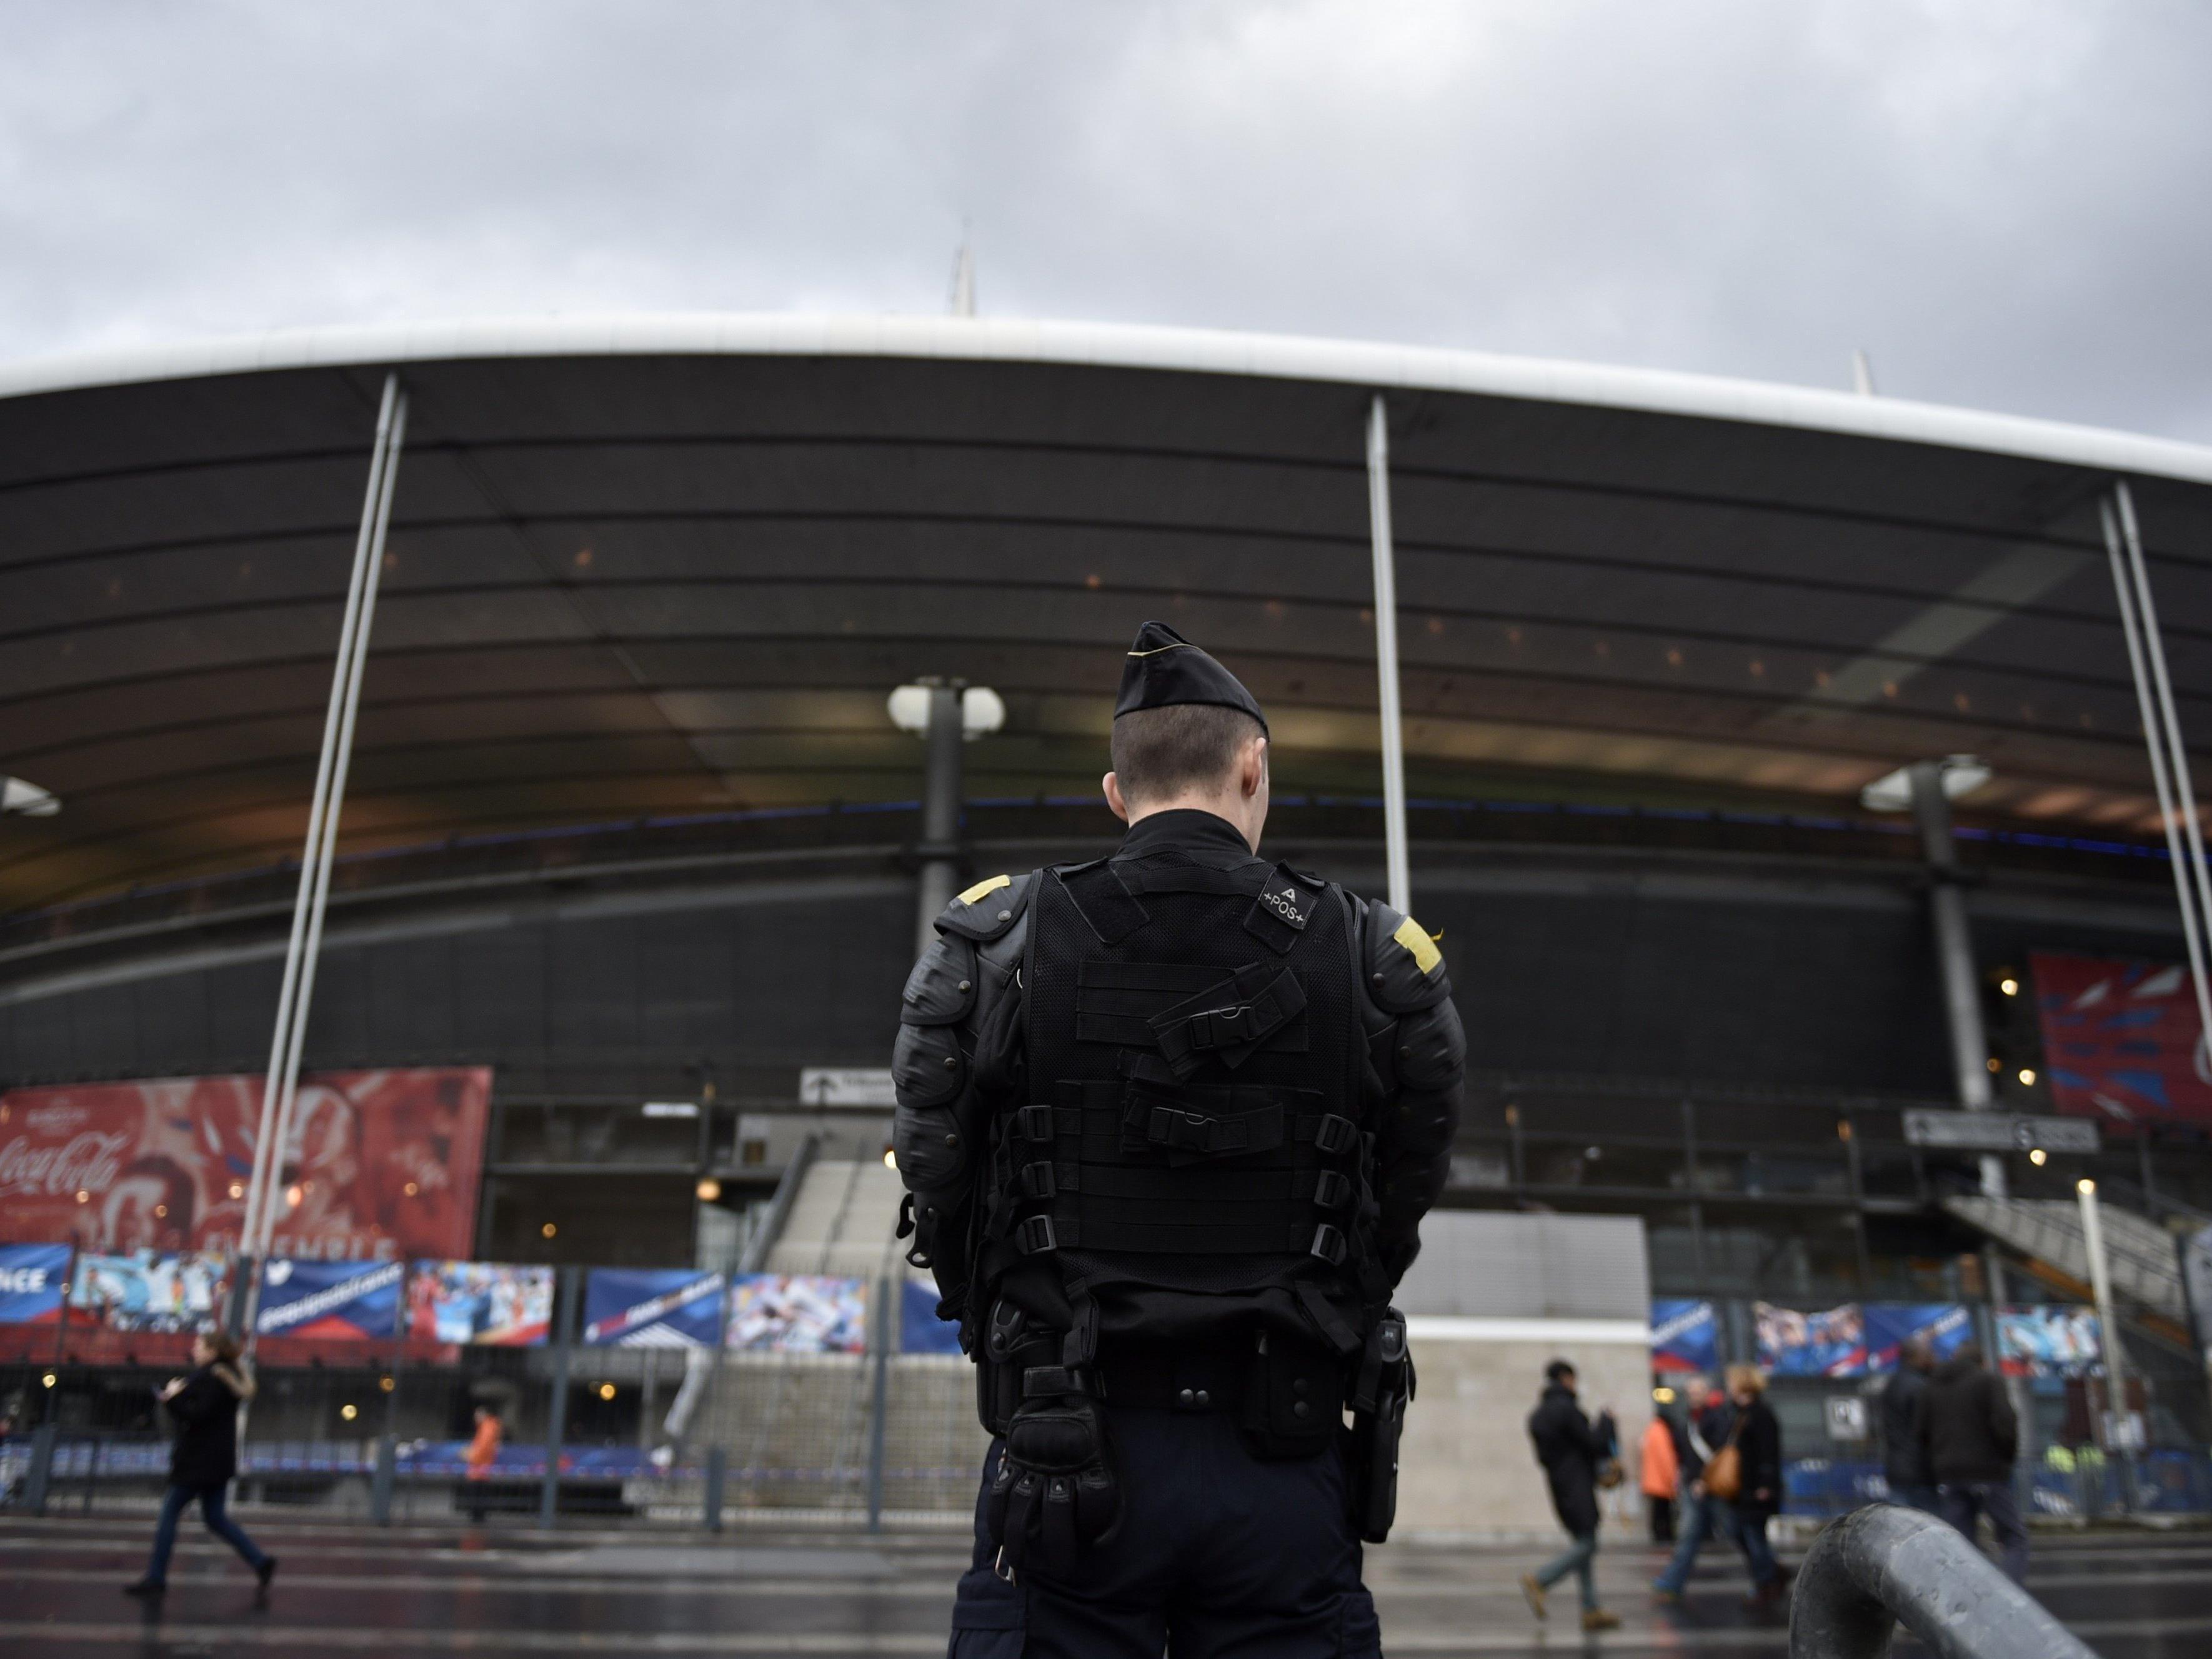 Die Angst vor Terrorattacken bei der EM reißt nicht ab.